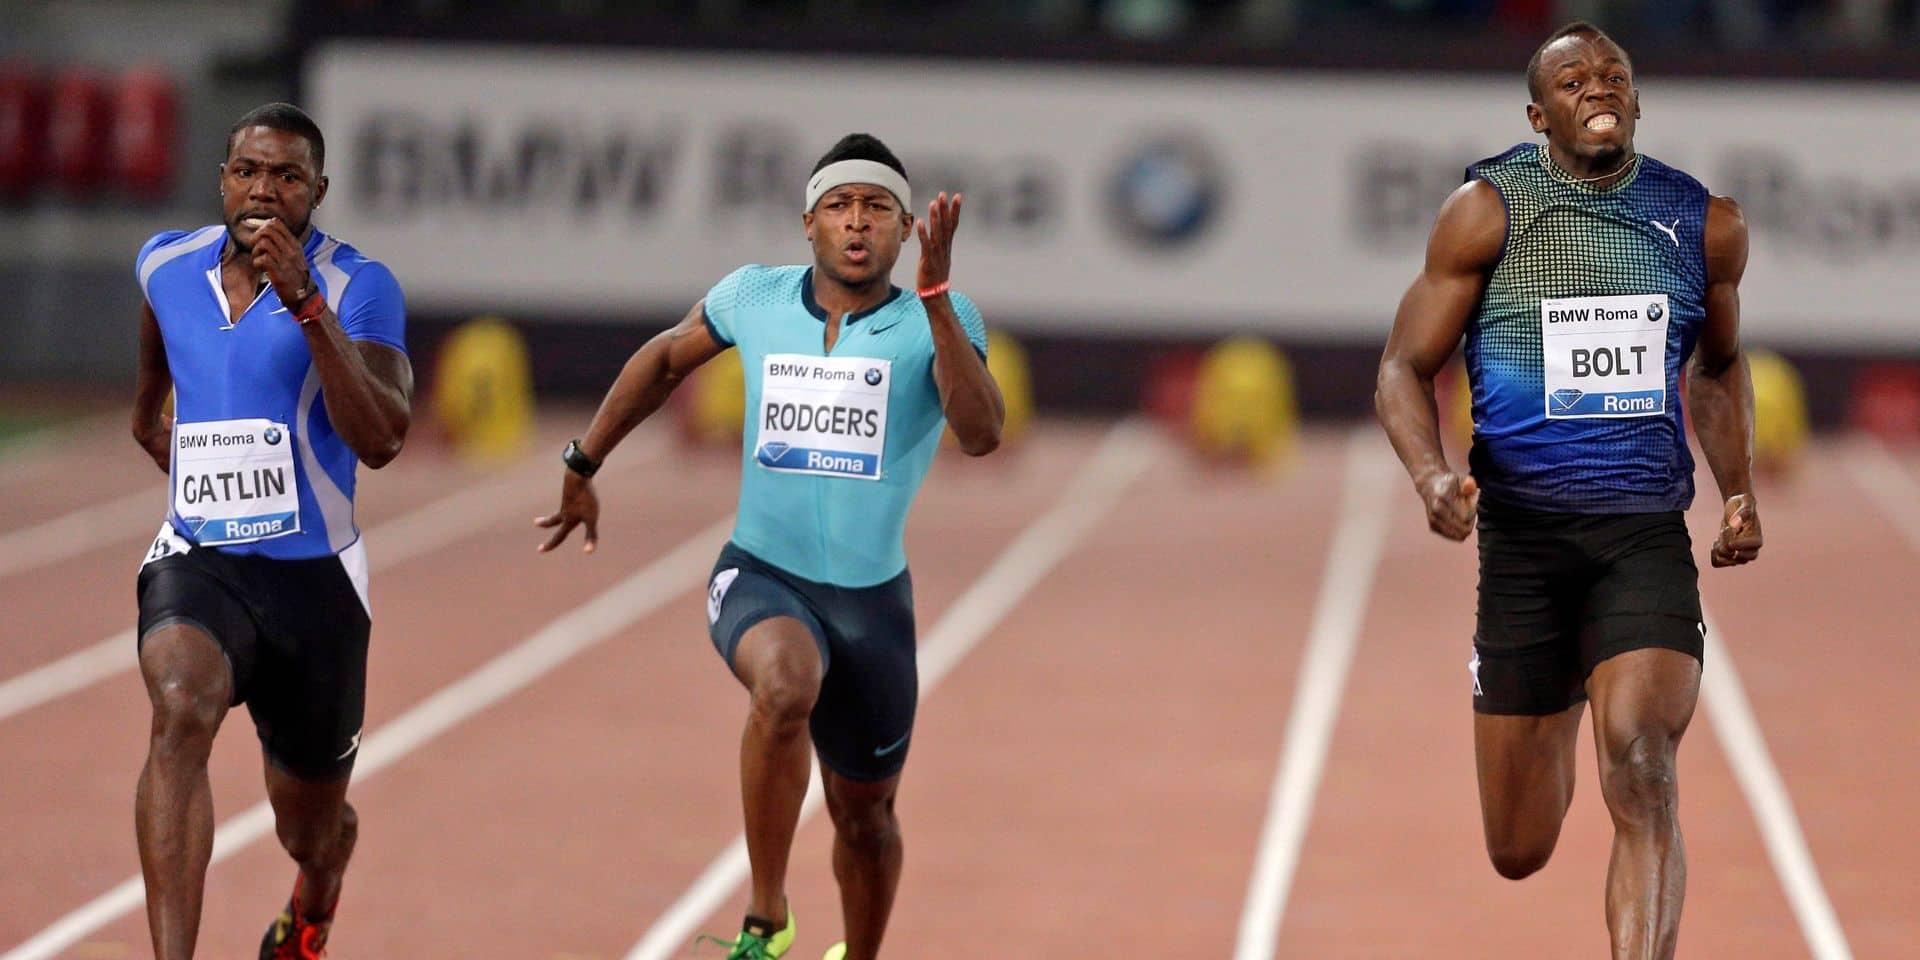 Meilleure performance de l'année pour Michael Rodgers sur 100m, talonné par Su Bingtian